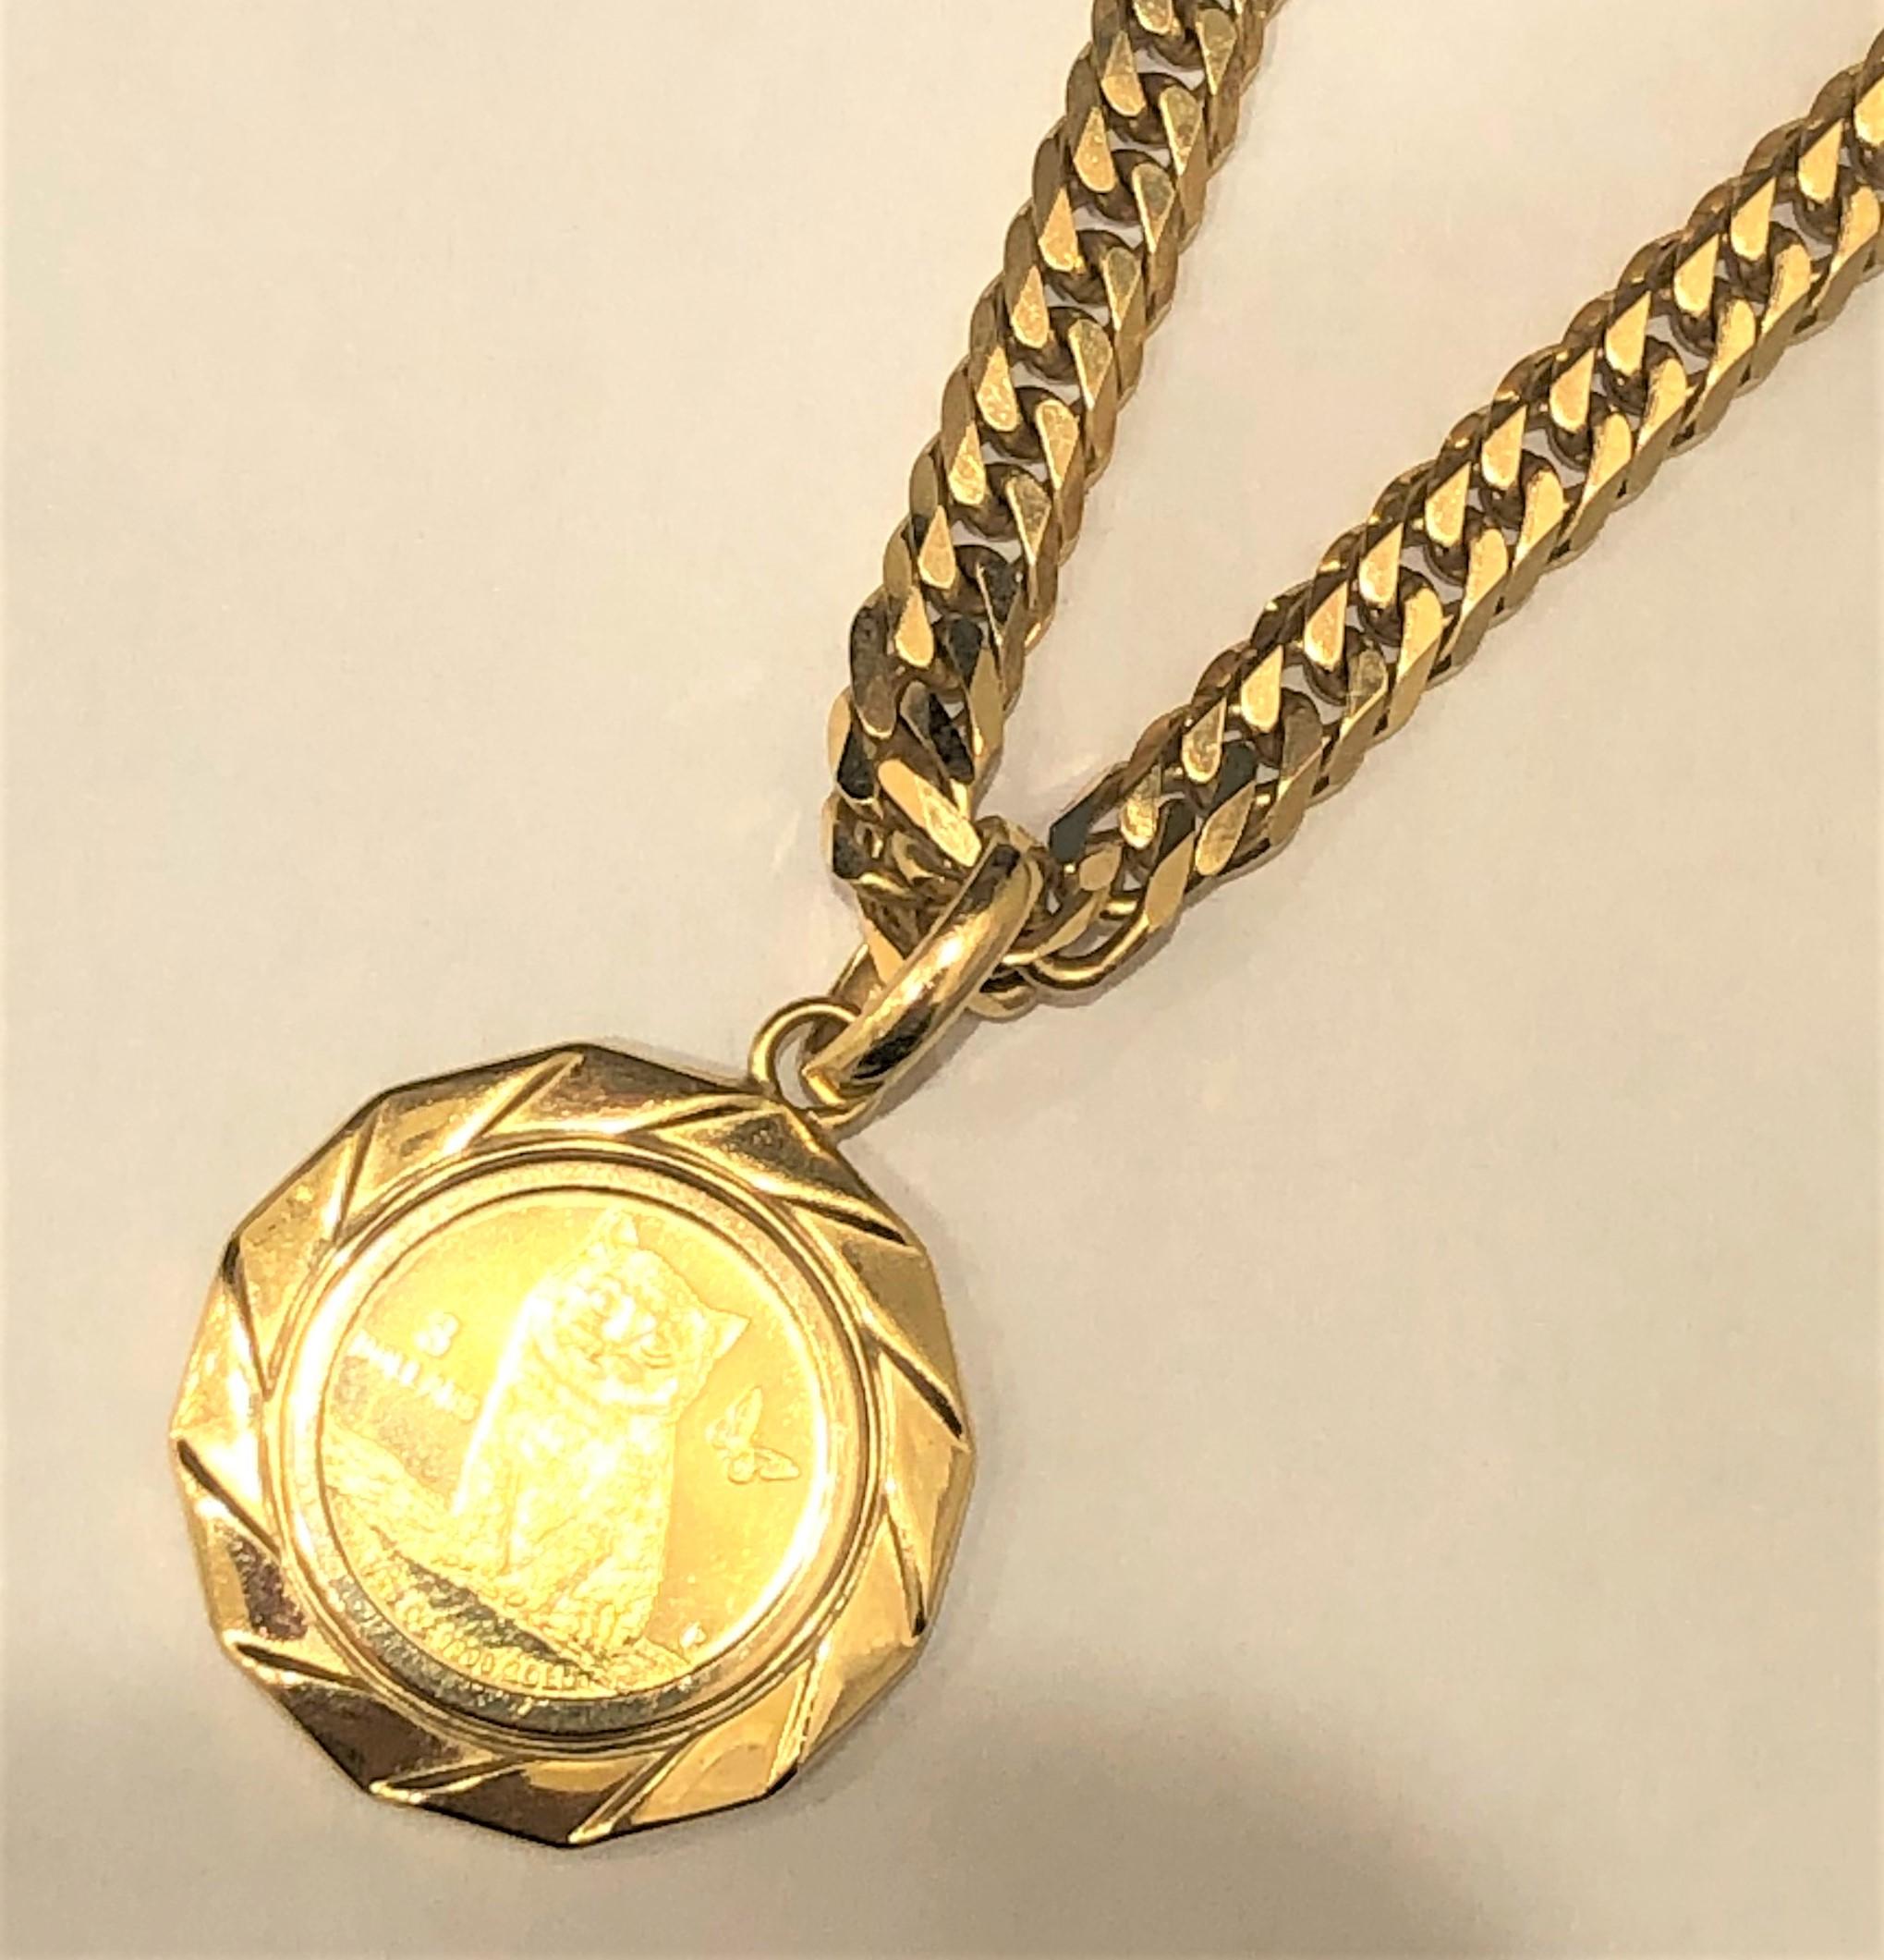 K24 ツバルキャット金貨/K18 ネックレス 喜平